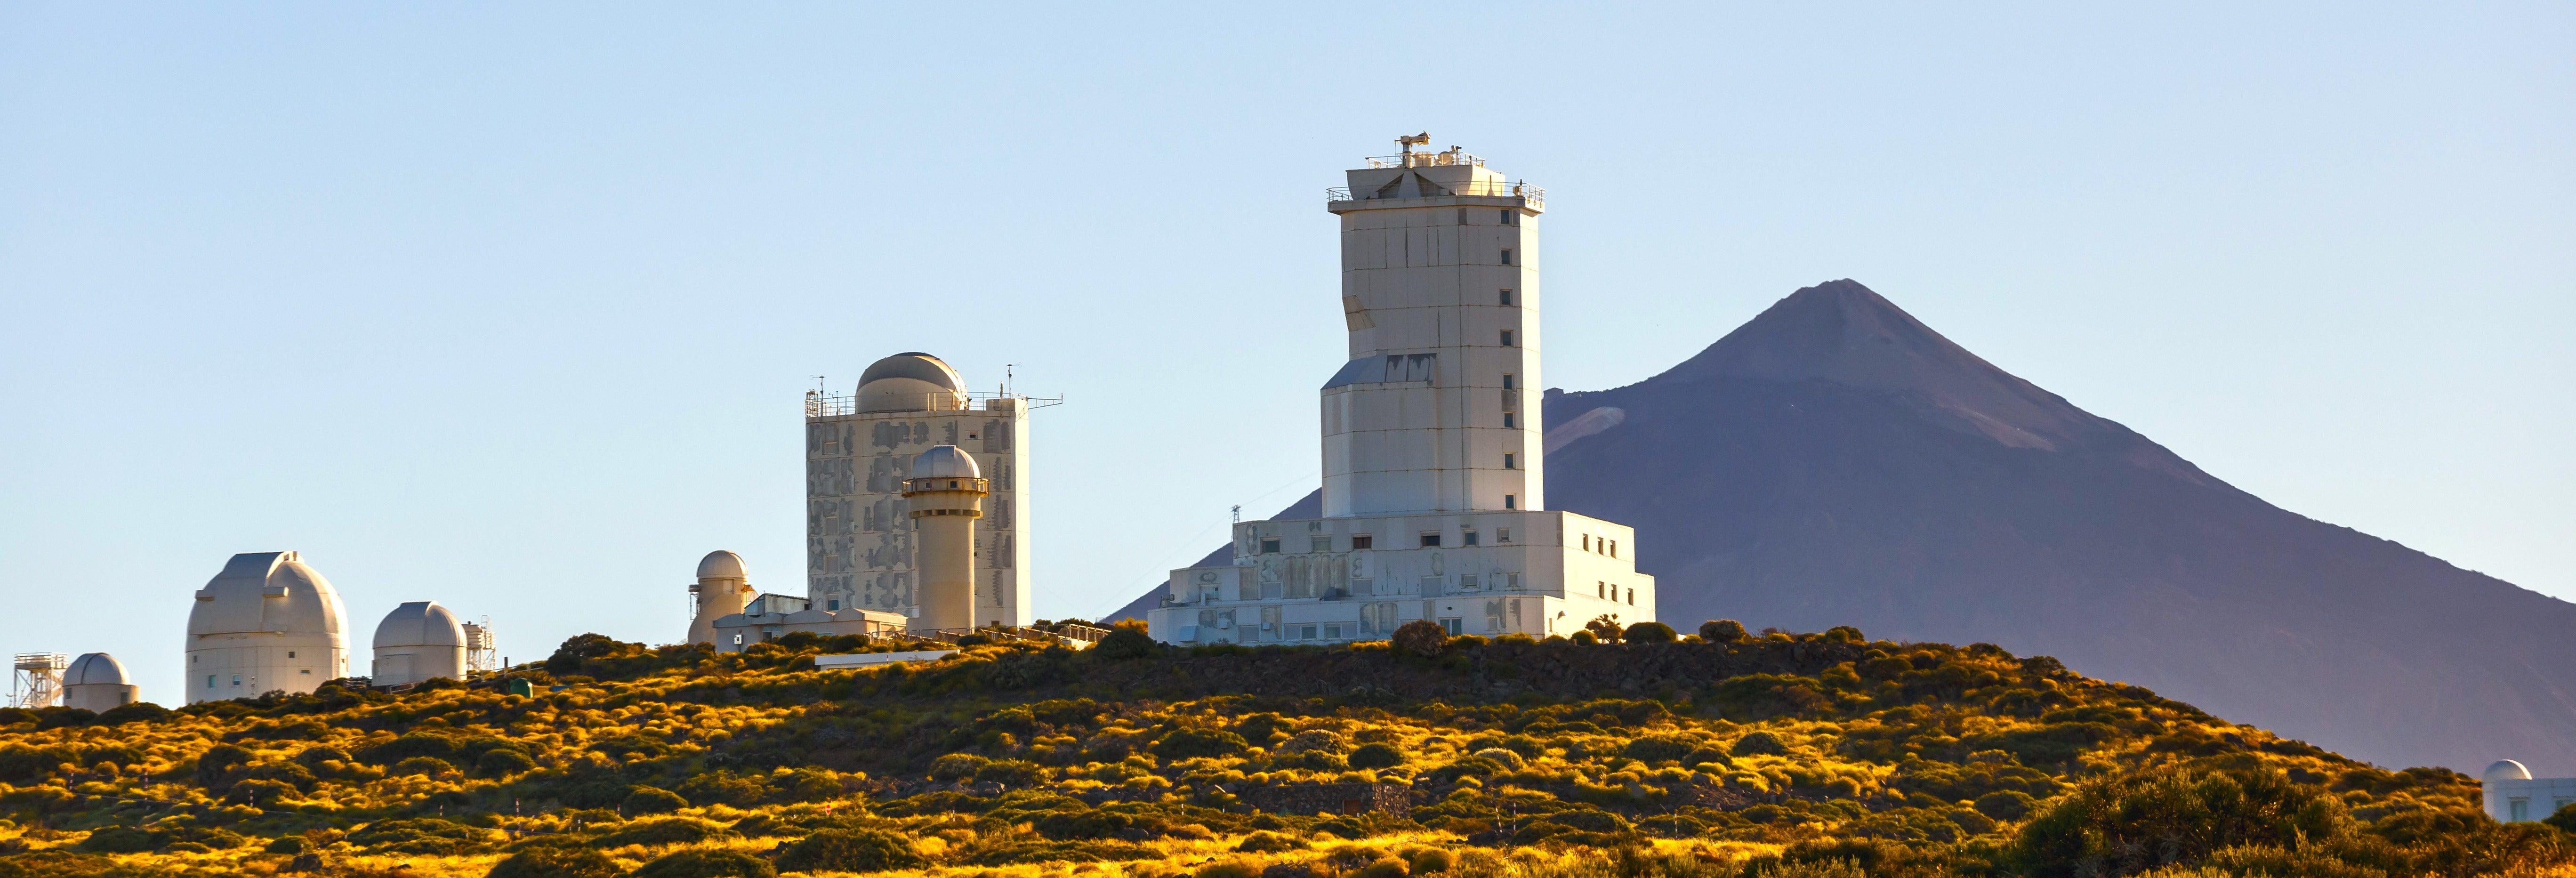 Observatório de Teide, La Orotava e La Laguna